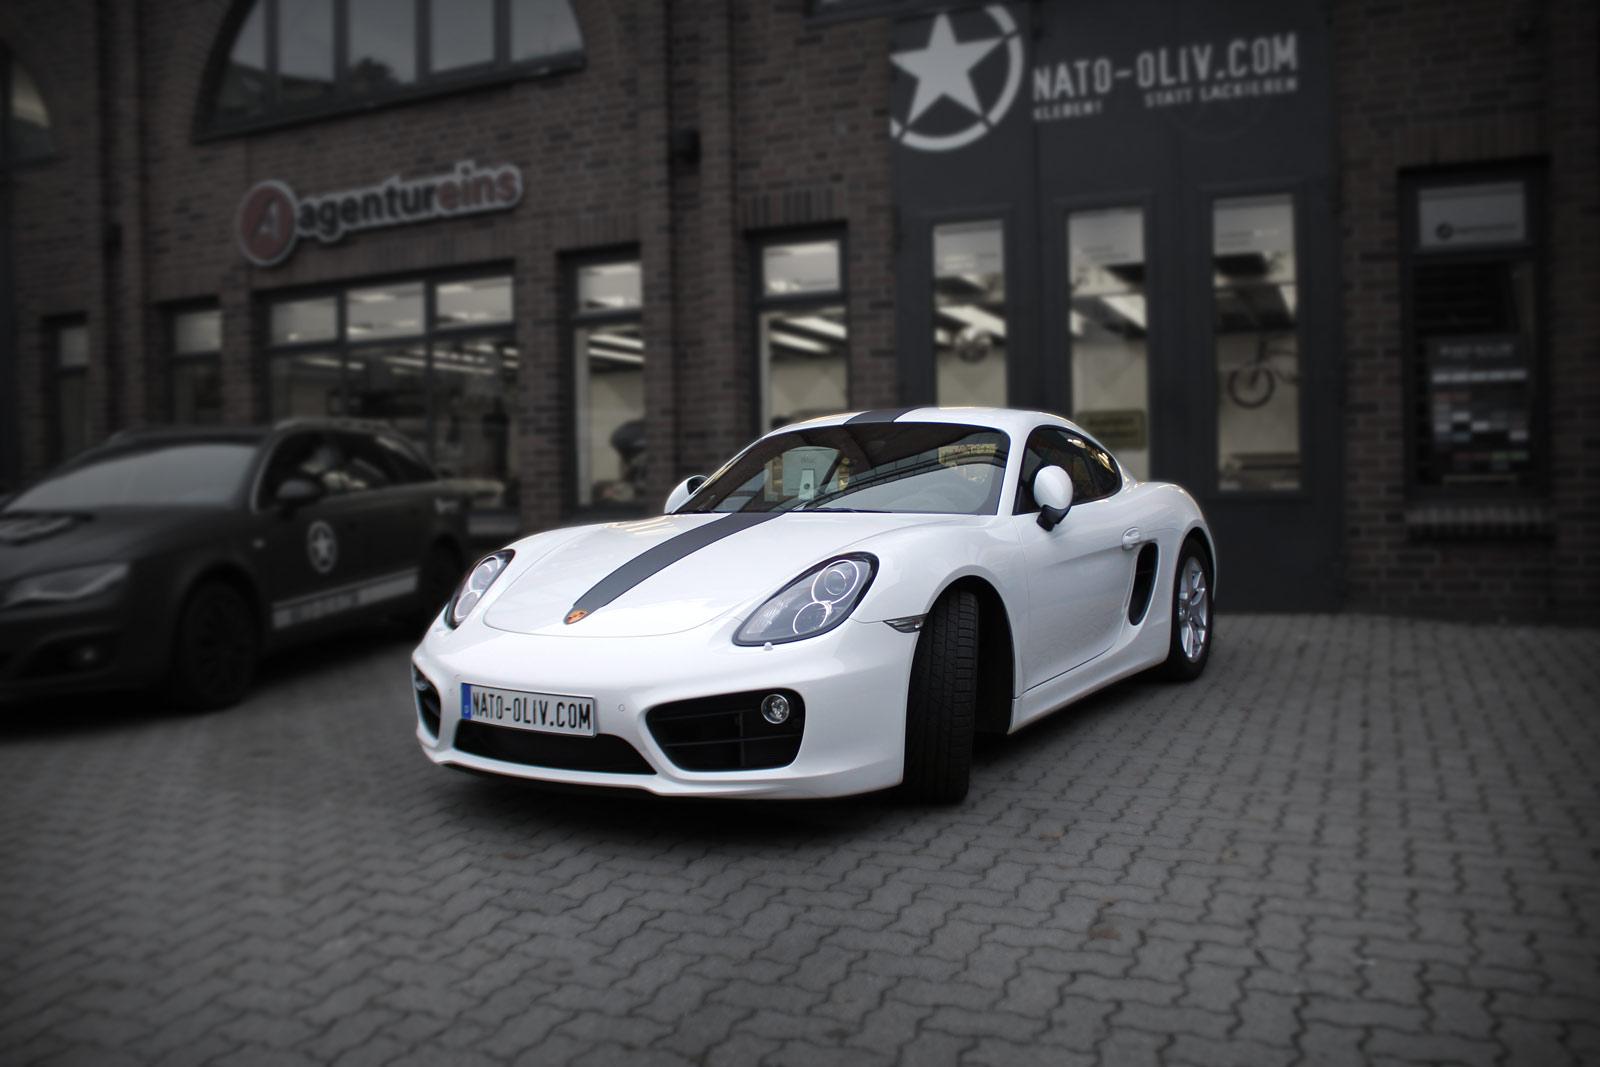 Porsche Cayman 2014 in weiß mit zweifarbigem Rallyestreifen im GT3 RS Style.